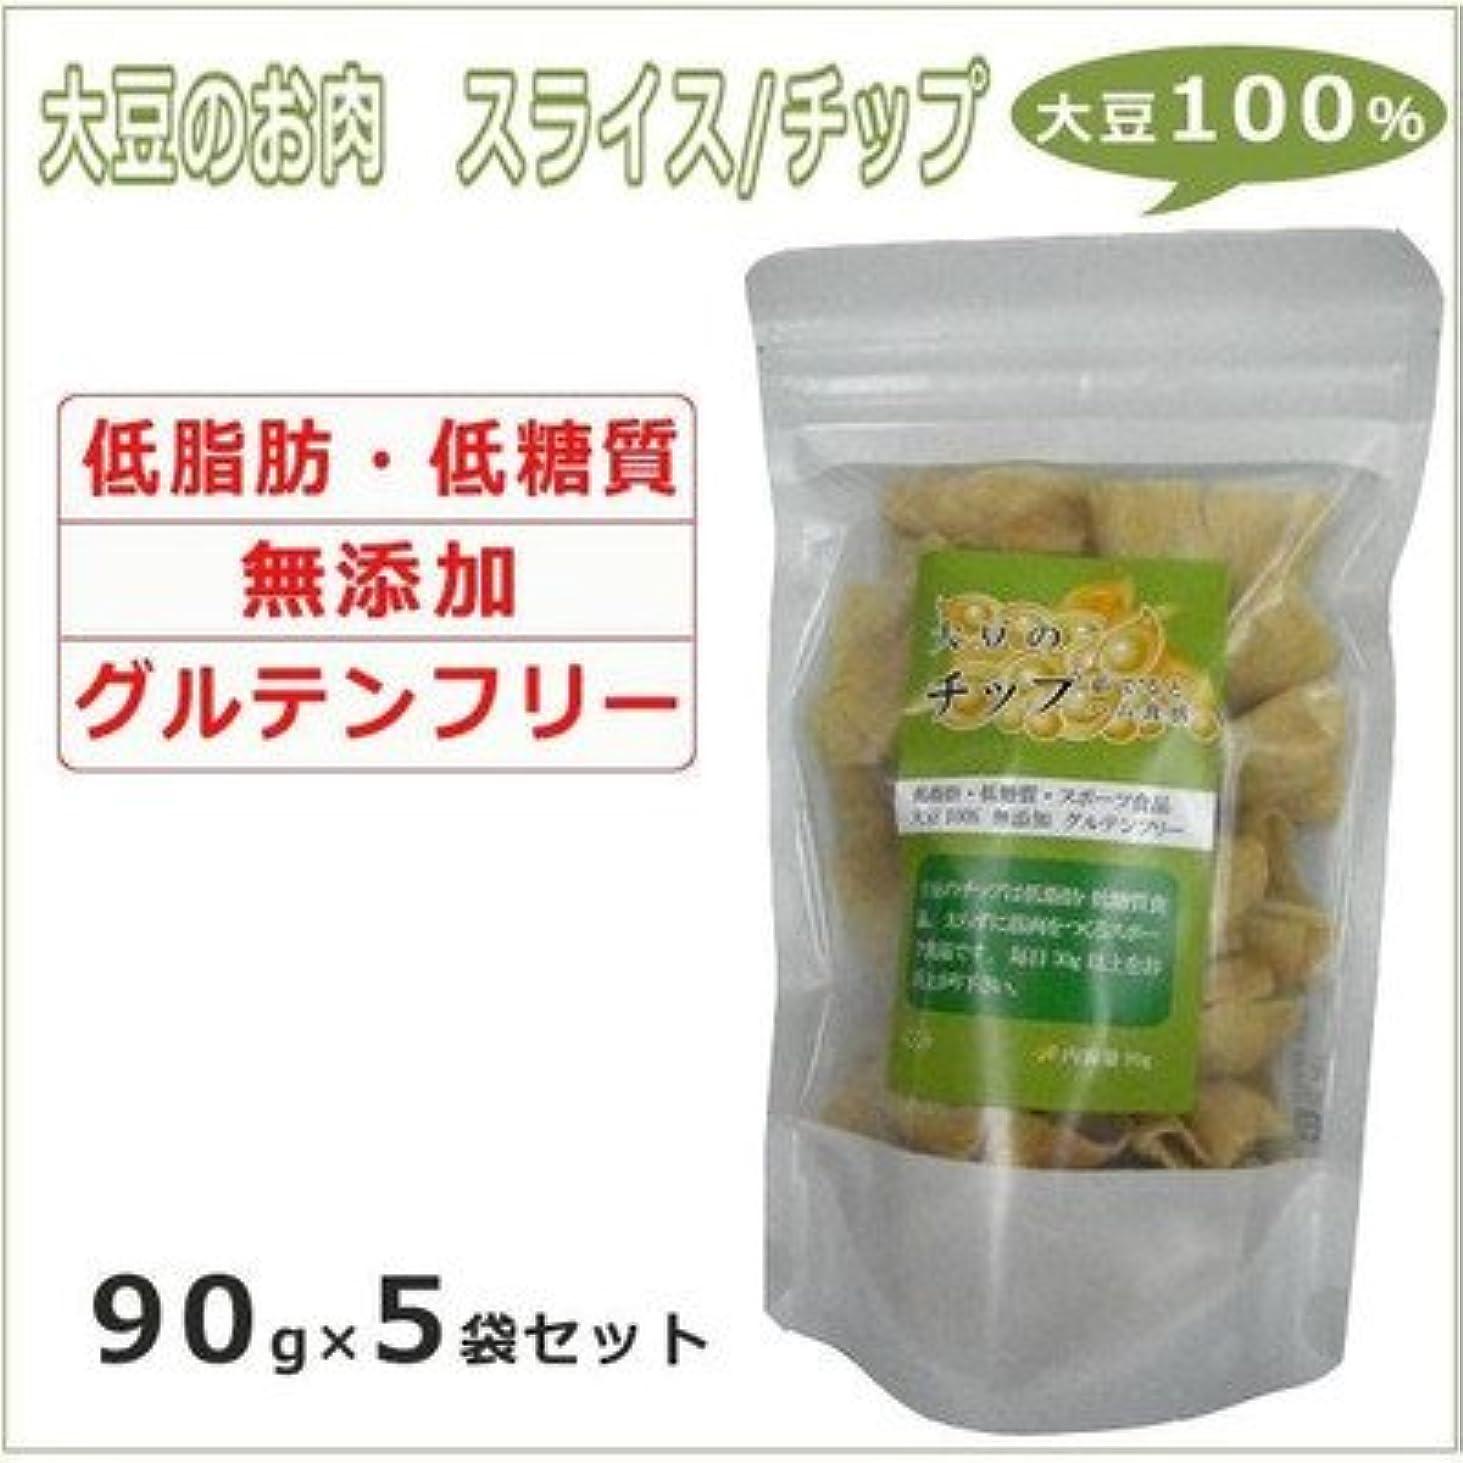 ミサイル死んでいる気になる大豆のお肉 ソイミート スライス/チップ 90g×5袋